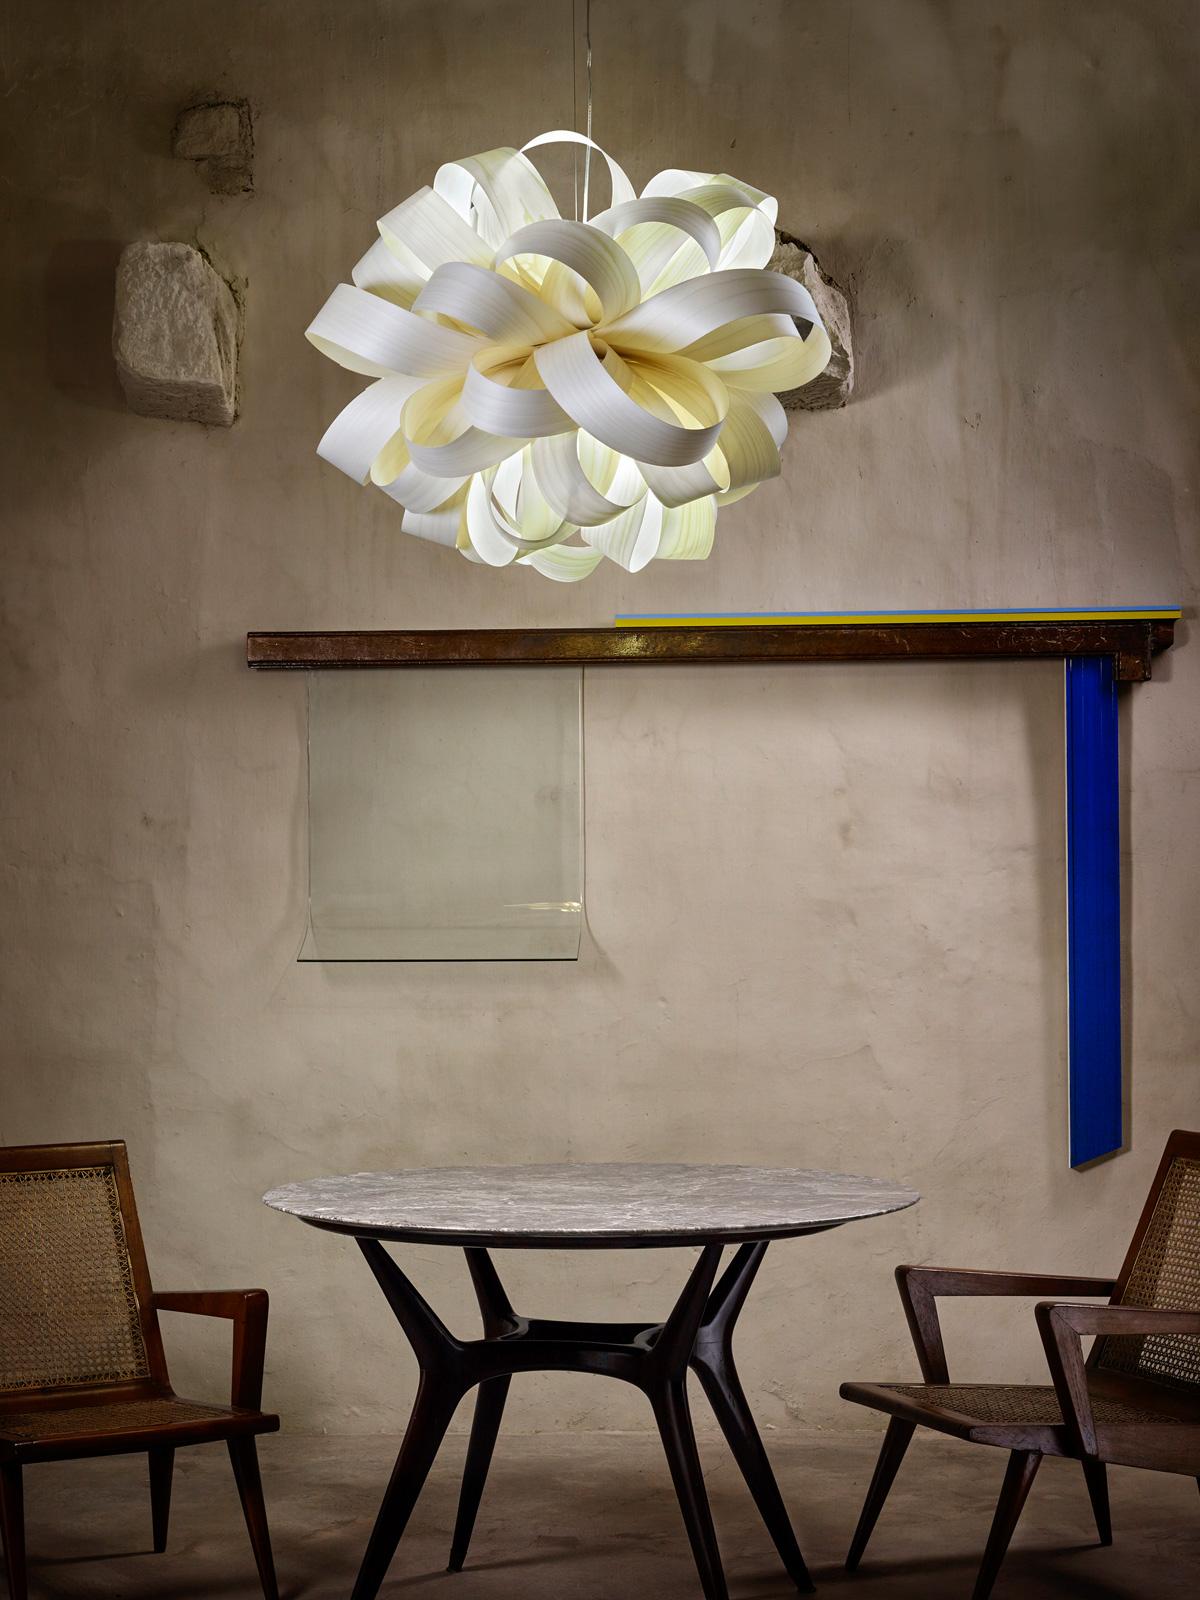 DesignOrt Blog: Furnierholz von LZF Lamps Agatha sb Leuchte